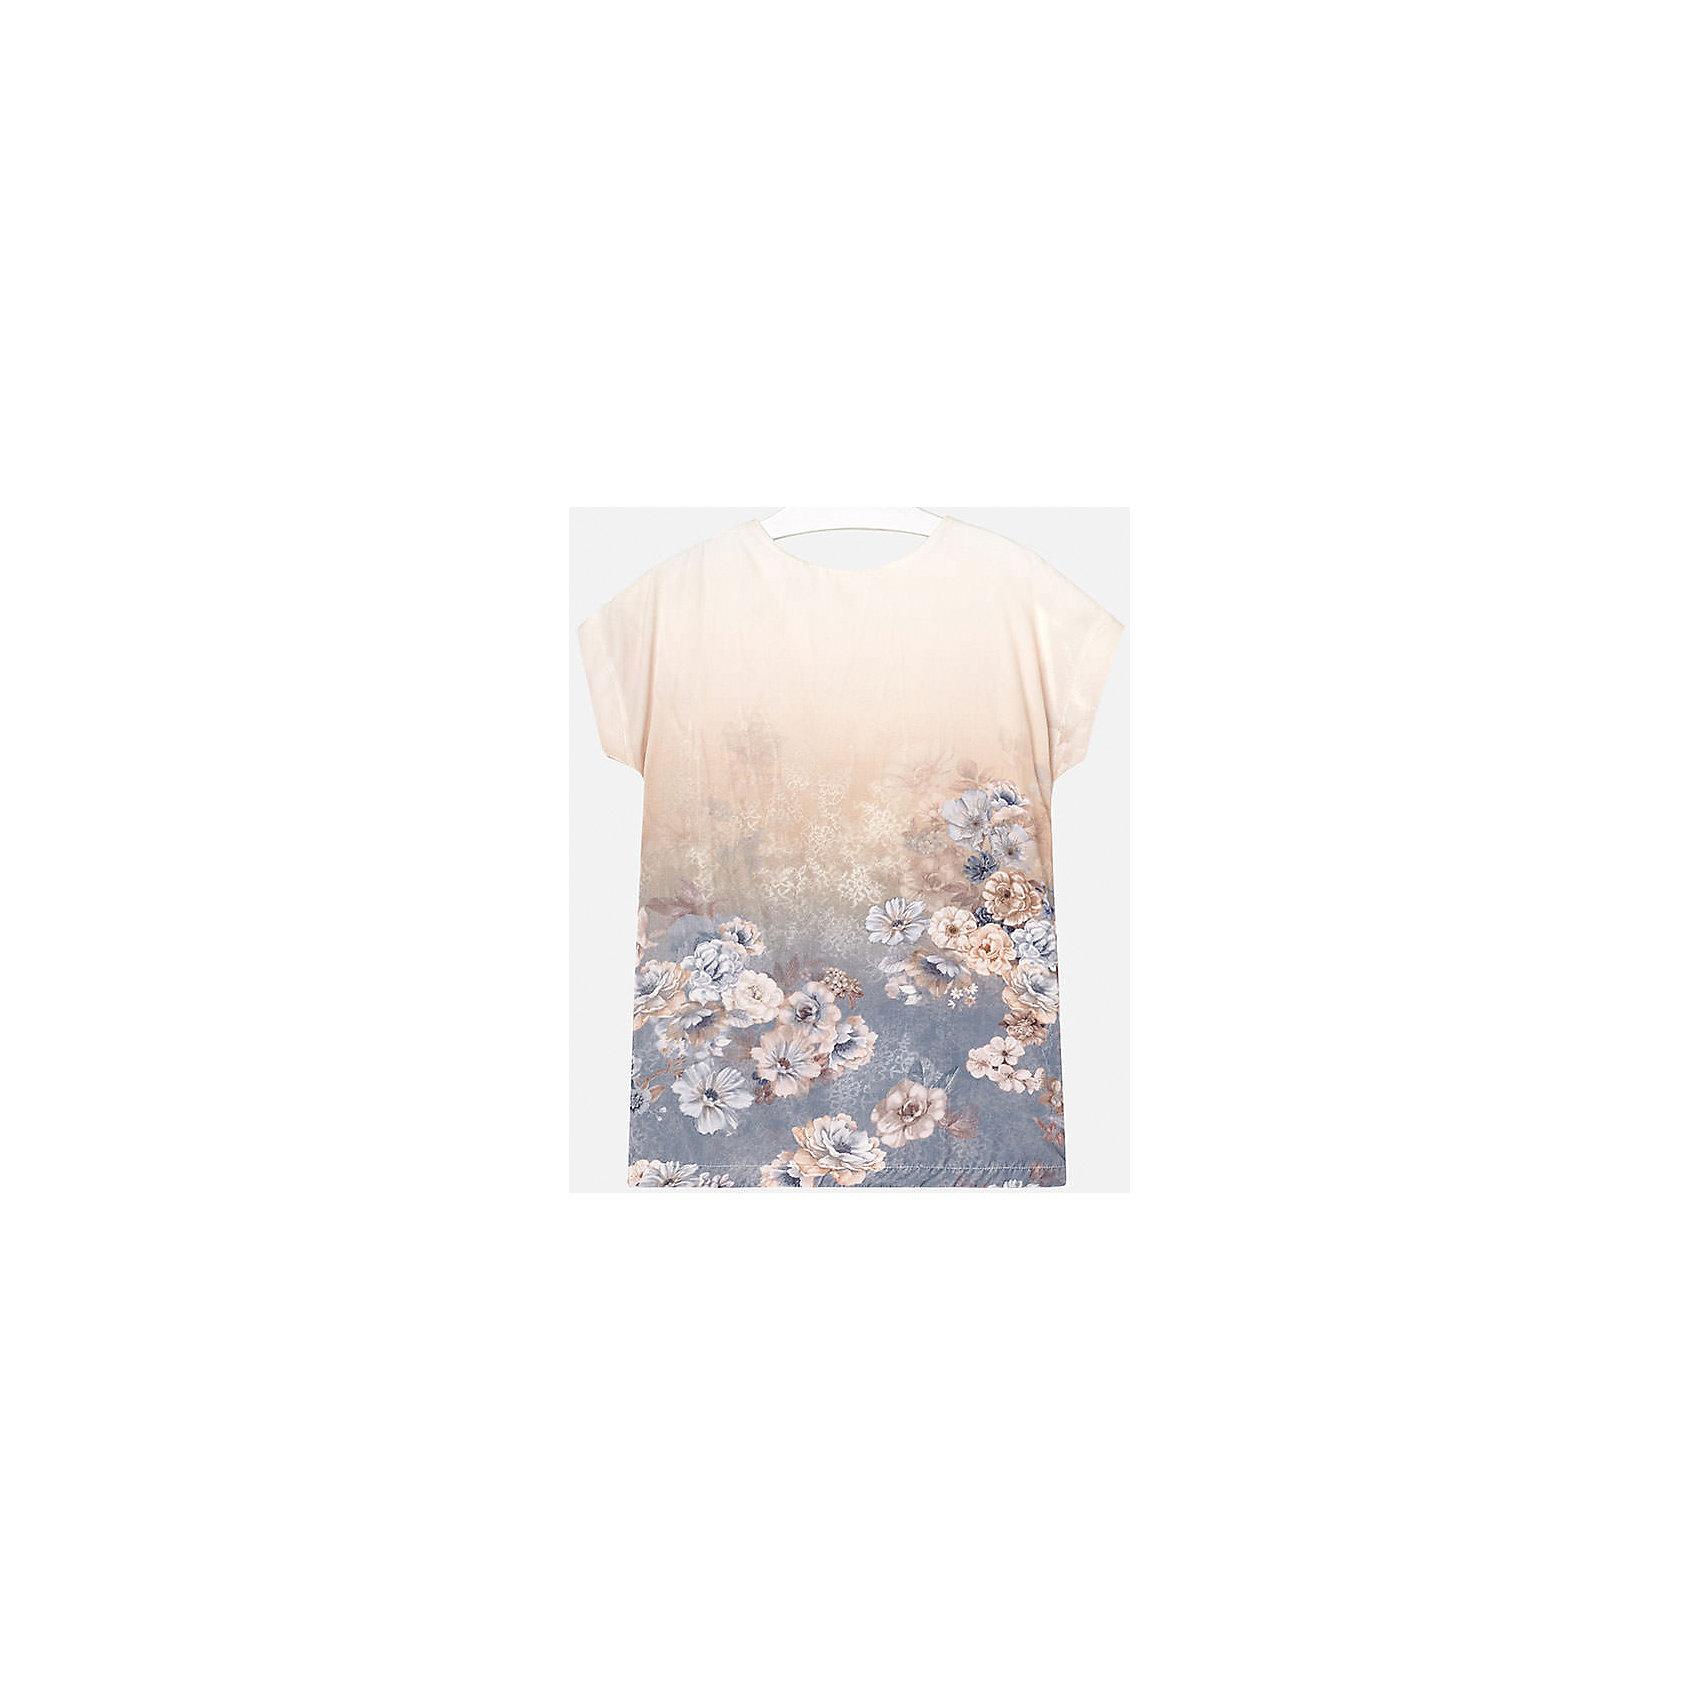 Платье для девочки MayoralПлатье для девочки Mayoral (Майорал) от известного испанского бренда Mayoral. Платье в стиле туники свободного кроя выполнено в пастельных нежных оттенках. У платья круглая горловина, короткий рукав, сзади имеется потайная молния. Фактура ткани приятная на ощупь. По низу платья выполнен цветочный принт. Подклад выполнен из 100% хлопка.<br><br>Дополнительная информация:<br><br>- Предназначение: повседневная одежда<br>- Цвет: кремовый<br>- Пол: для девочки<br>- Состав: 92% полиэстер, 8% эластан; подклад 100% хлопок<br>- Сезон: весна-лето<br>- Особенности ухода: стирка при температуре 30 градусов, глажение<br><br>Подробнее:<br><br>• Для детей в возрасте: от 8 лет и до 16 лет<br>• Страна производитель: Китай<br>• Торговый бренд: Mayoral<br><br>Платье для девочки Mayoral (Майорал) можно купить в нашем интернет-магазине.<br><br>Ширина мм: 236<br>Глубина мм: 16<br>Высота мм: 184<br>Вес г: 177<br>Цвет: бежевый<br>Возраст от месяцев: 156<br>Возраст до месяцев: 168<br>Пол: Женский<br>Возраст: Детский<br>Размер: 128/134,134/140,152/158,146/152,158/164,164/170<br>SKU: 4847535